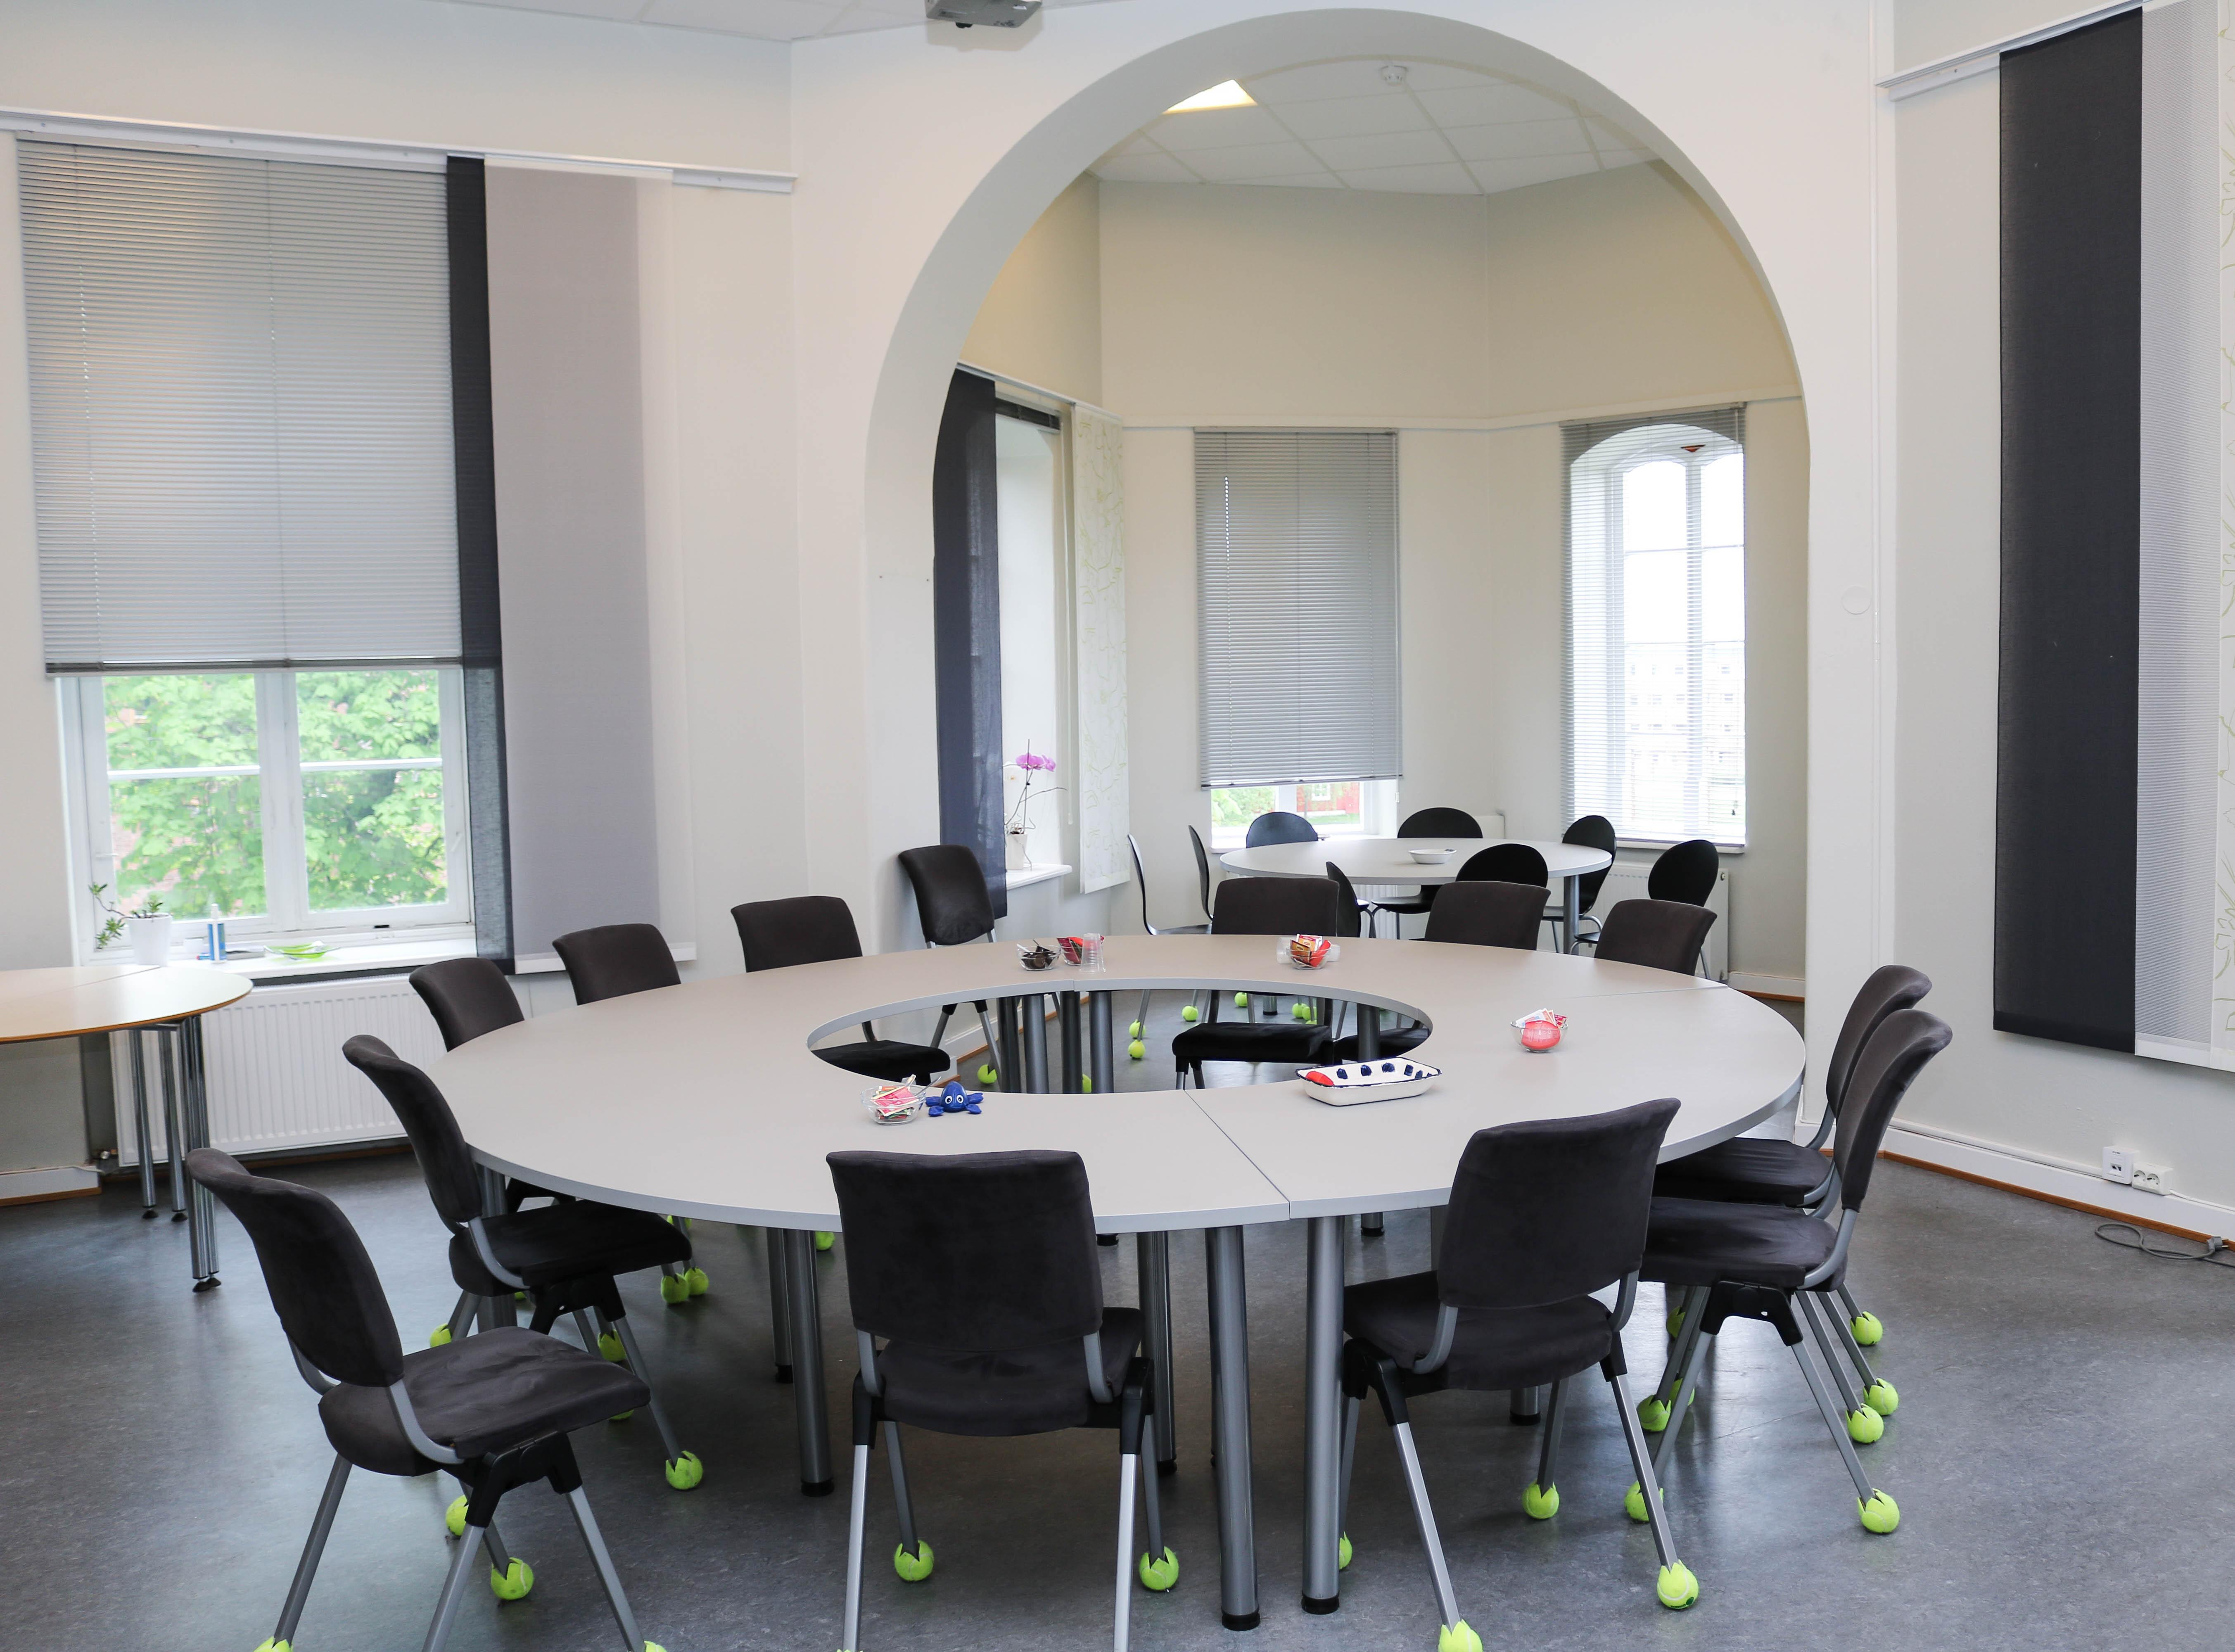 Et rundt bord i et staselig møterom med bue over karnapp. Beina på møtestolene er utstyrt med halve tennisballer for lyddemping mot gulvet.